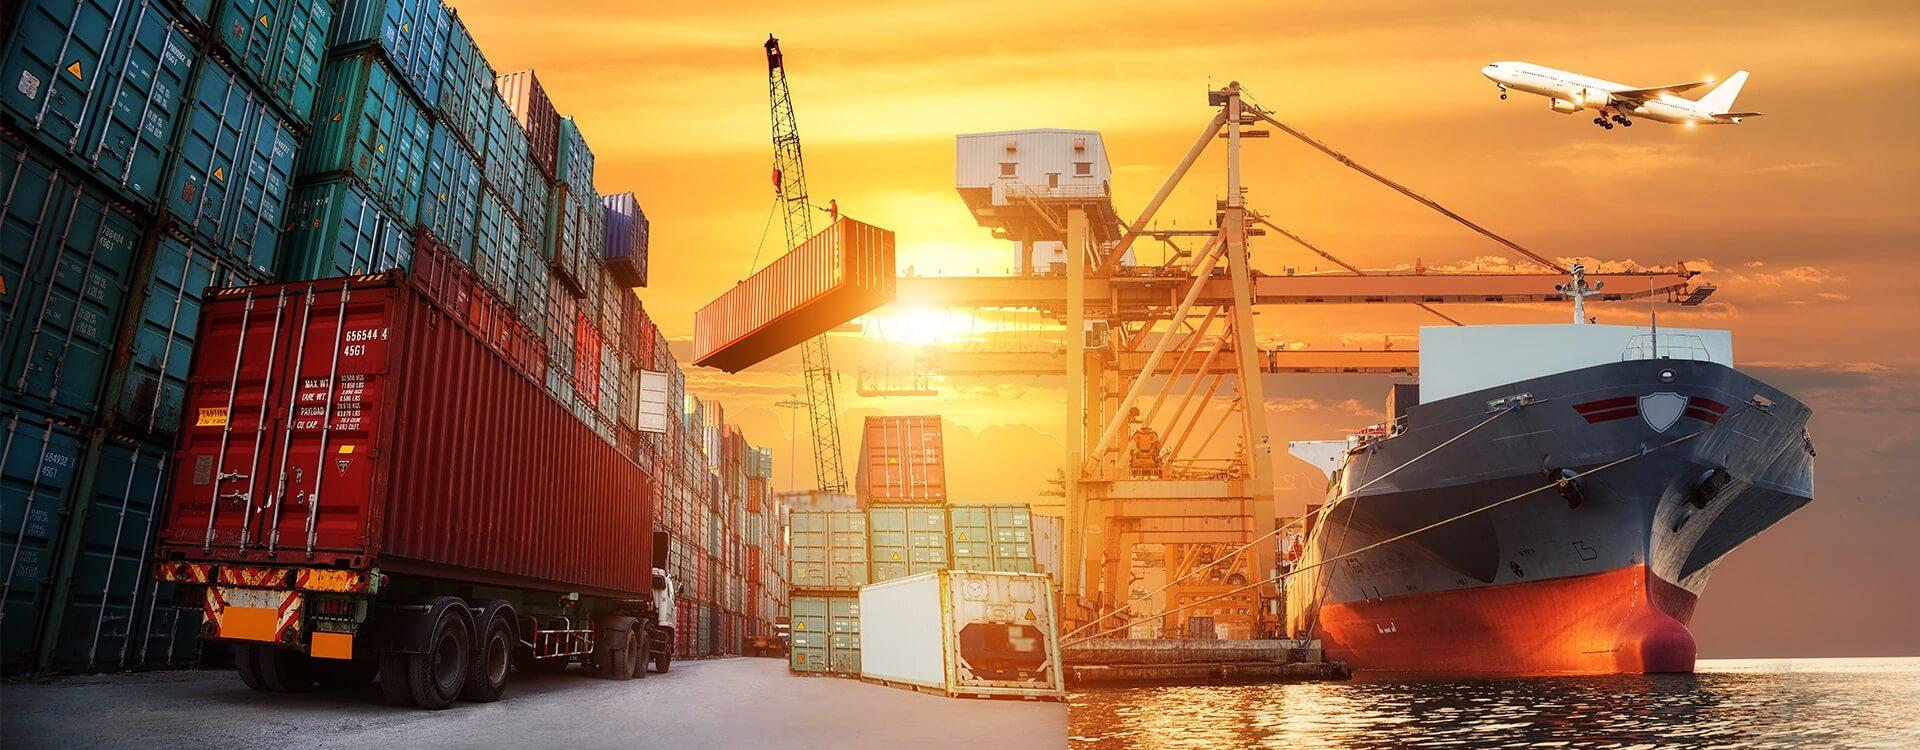 Dịch vụ sửa chữa và cho thuê kho bãi container của Luxury Container